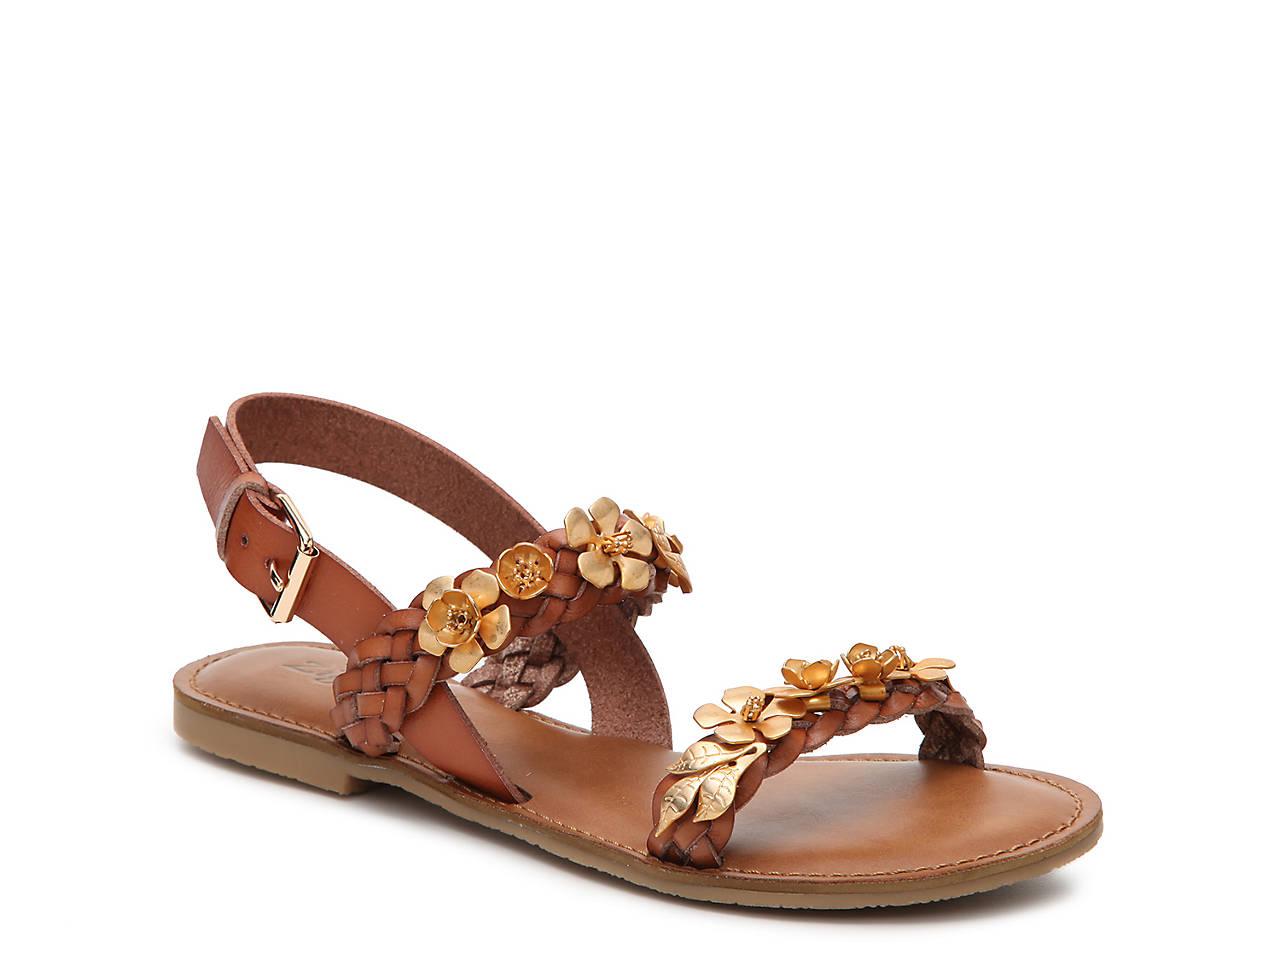 af90aa648a43 Zigi Soho Brya Flat Sandal Women s Shoes